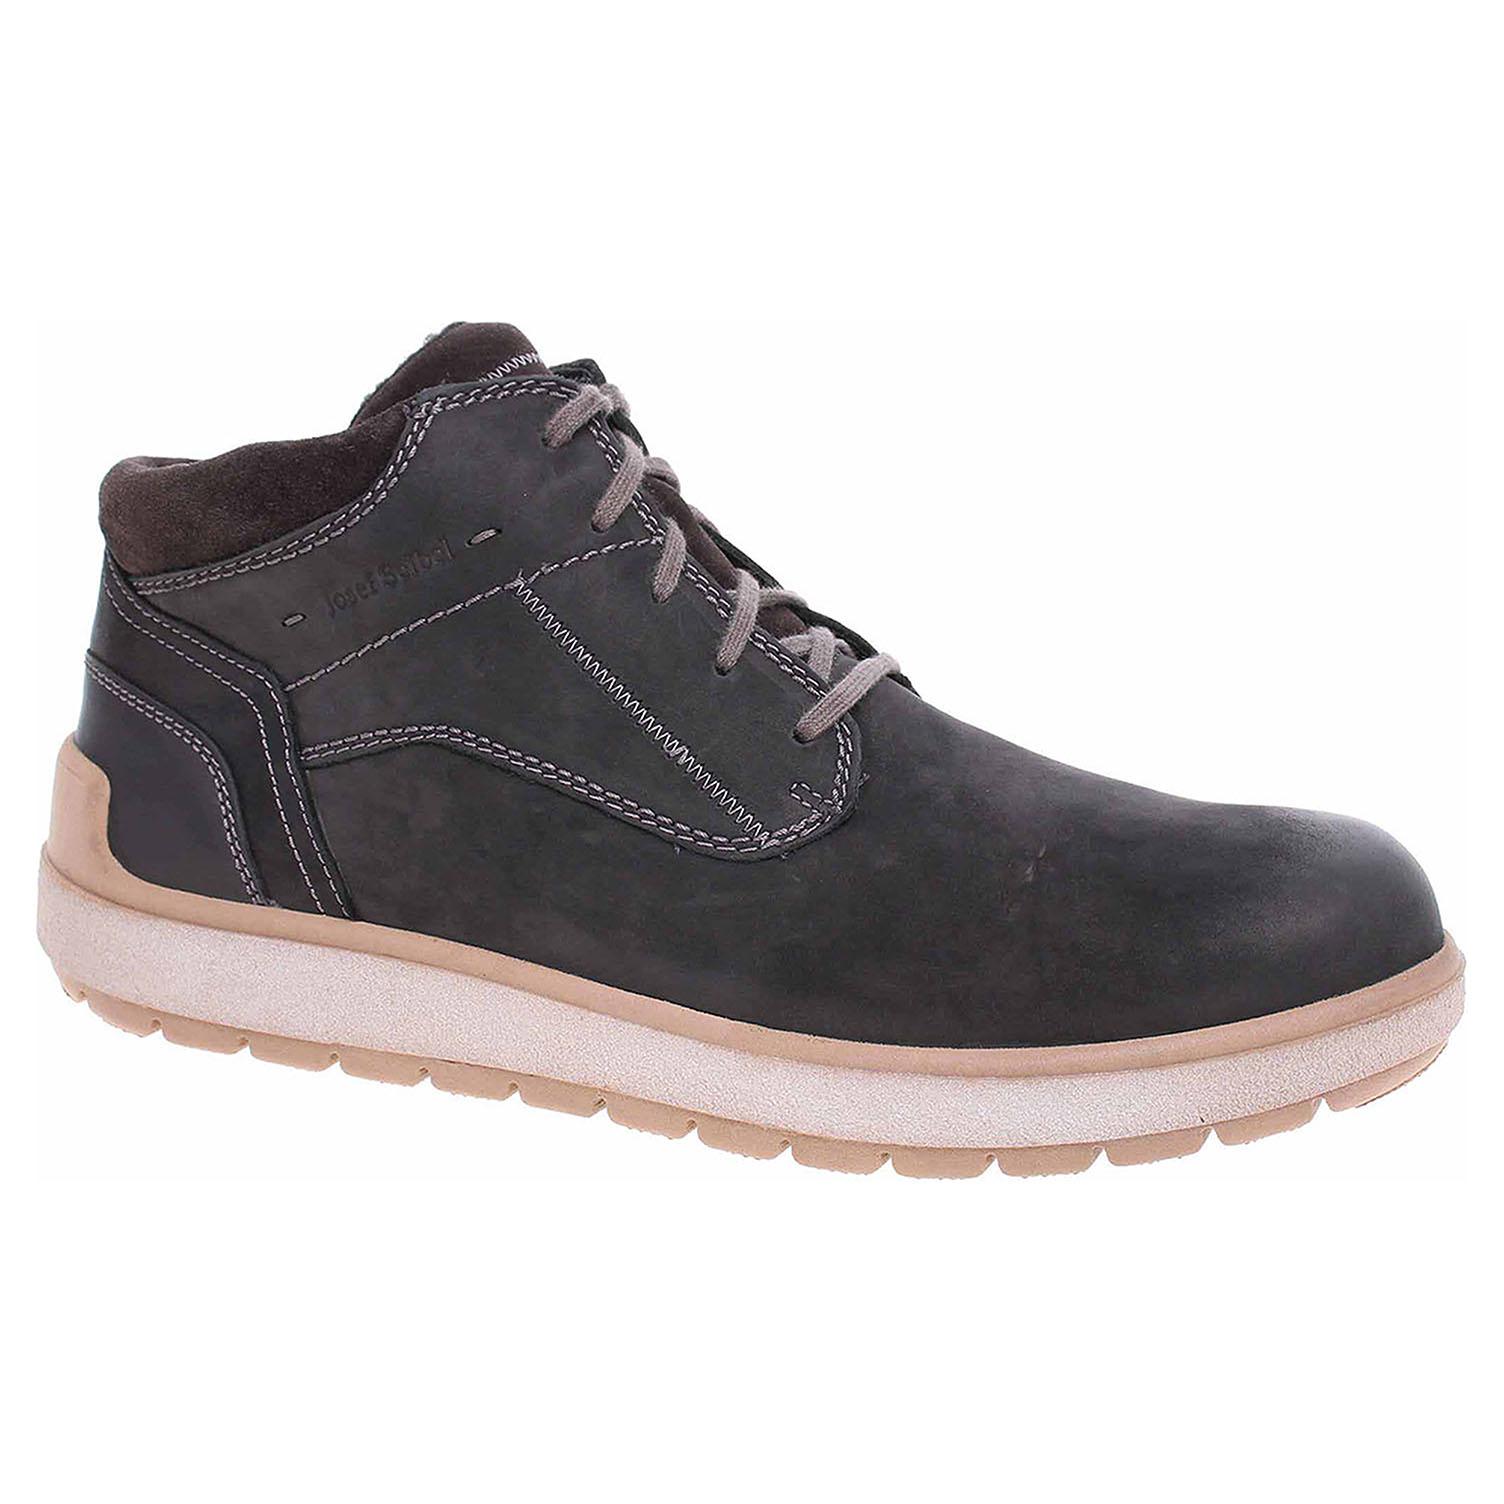 Pánská kotníková obuv Josef Seibel 11747 PL994100 schwarz 11747 PL994100 42